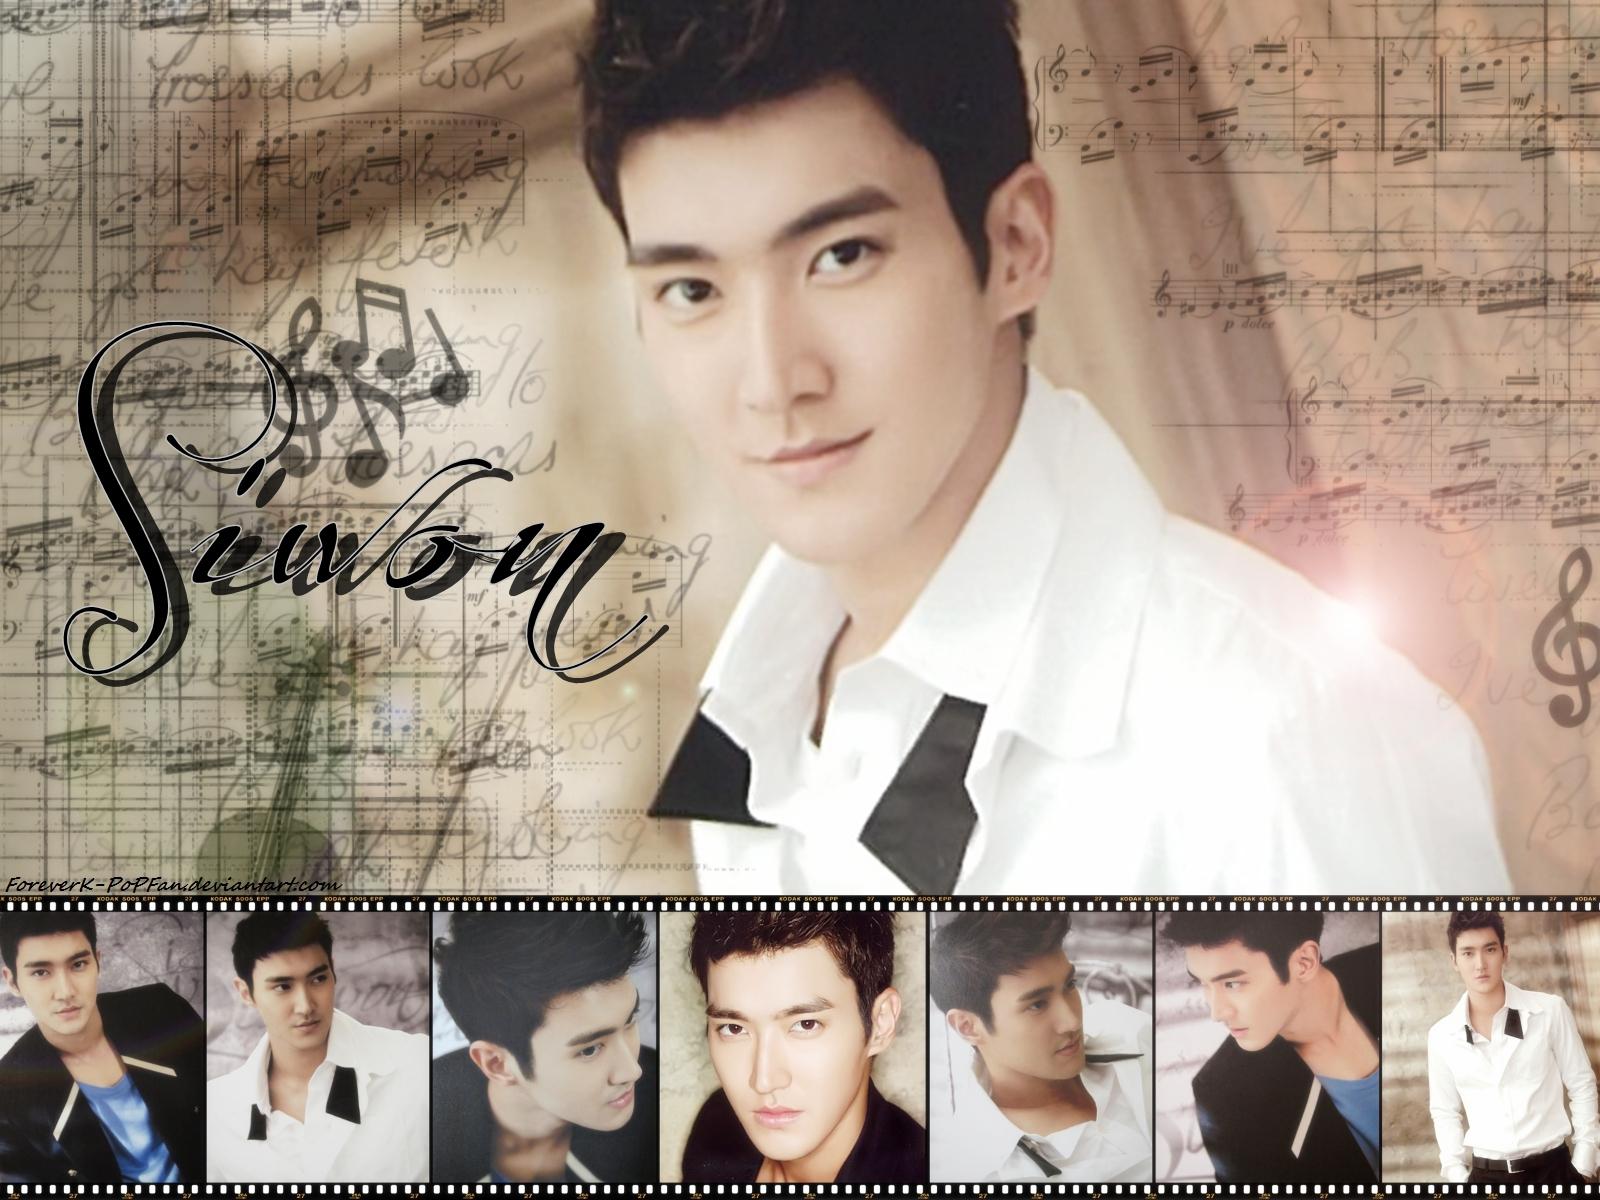 Choi Siwon Wallpaper 2012 Siwon wallpaper